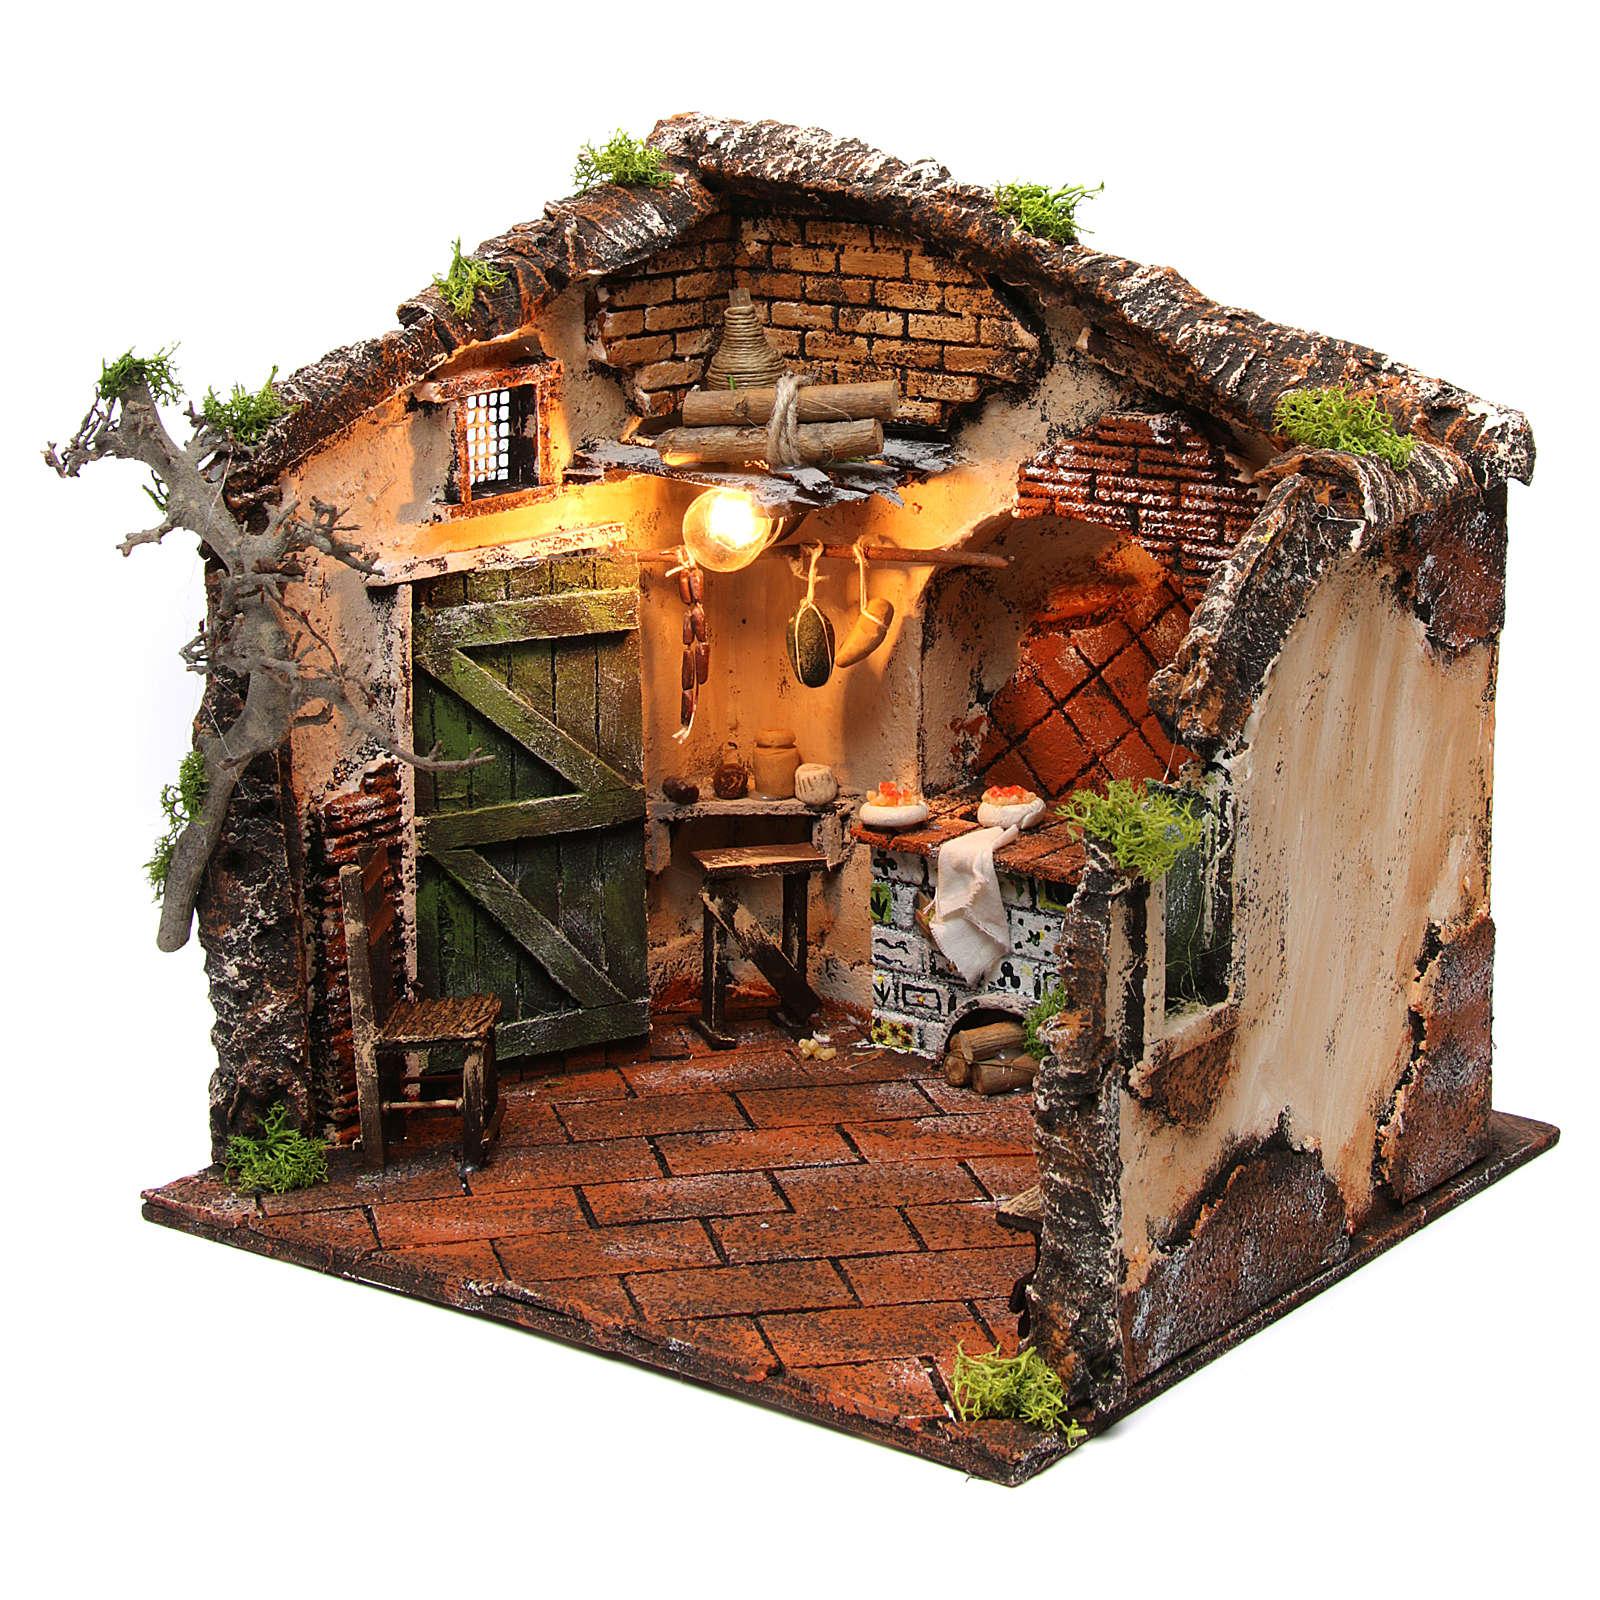 Scena interno casa illuminata 30x30x30 ambiente presepe napoletano 4